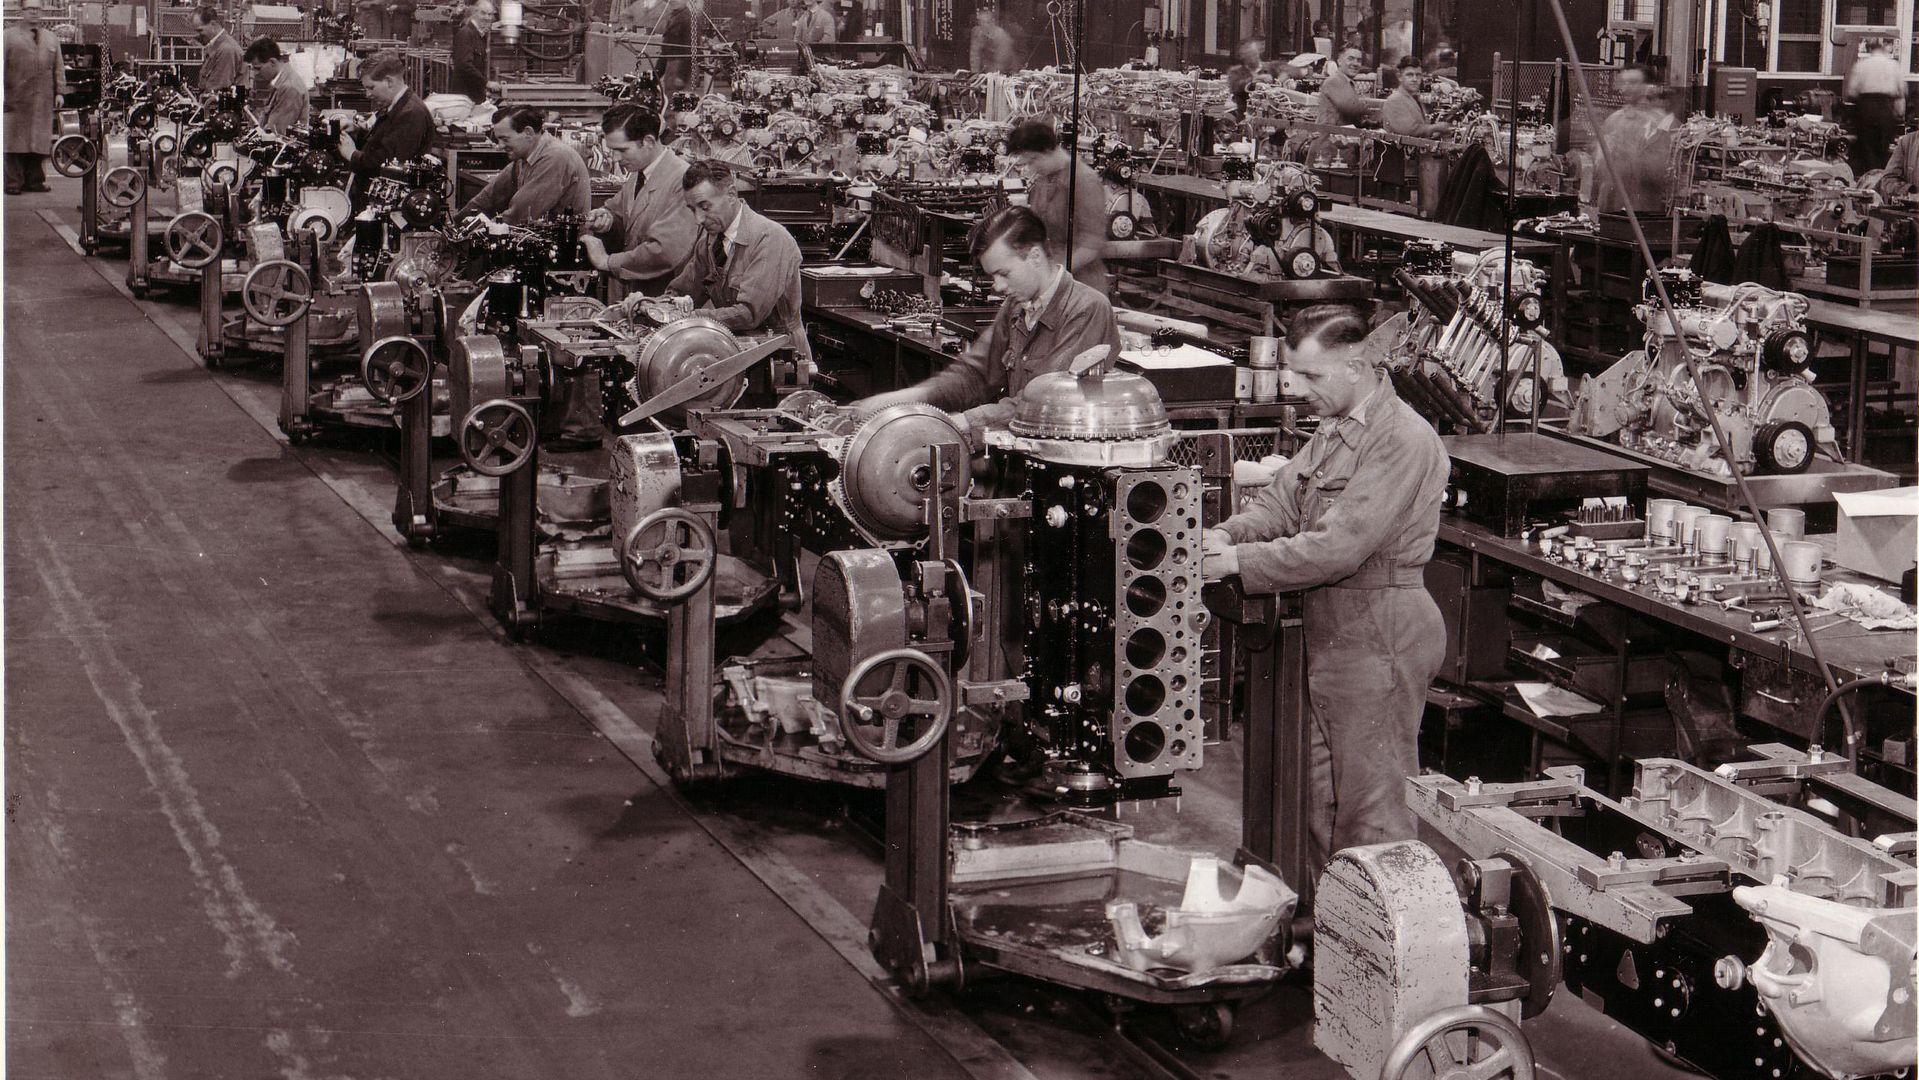 Производство двигателей Bentley в 1950 году на заводе марки в Крю, Англия